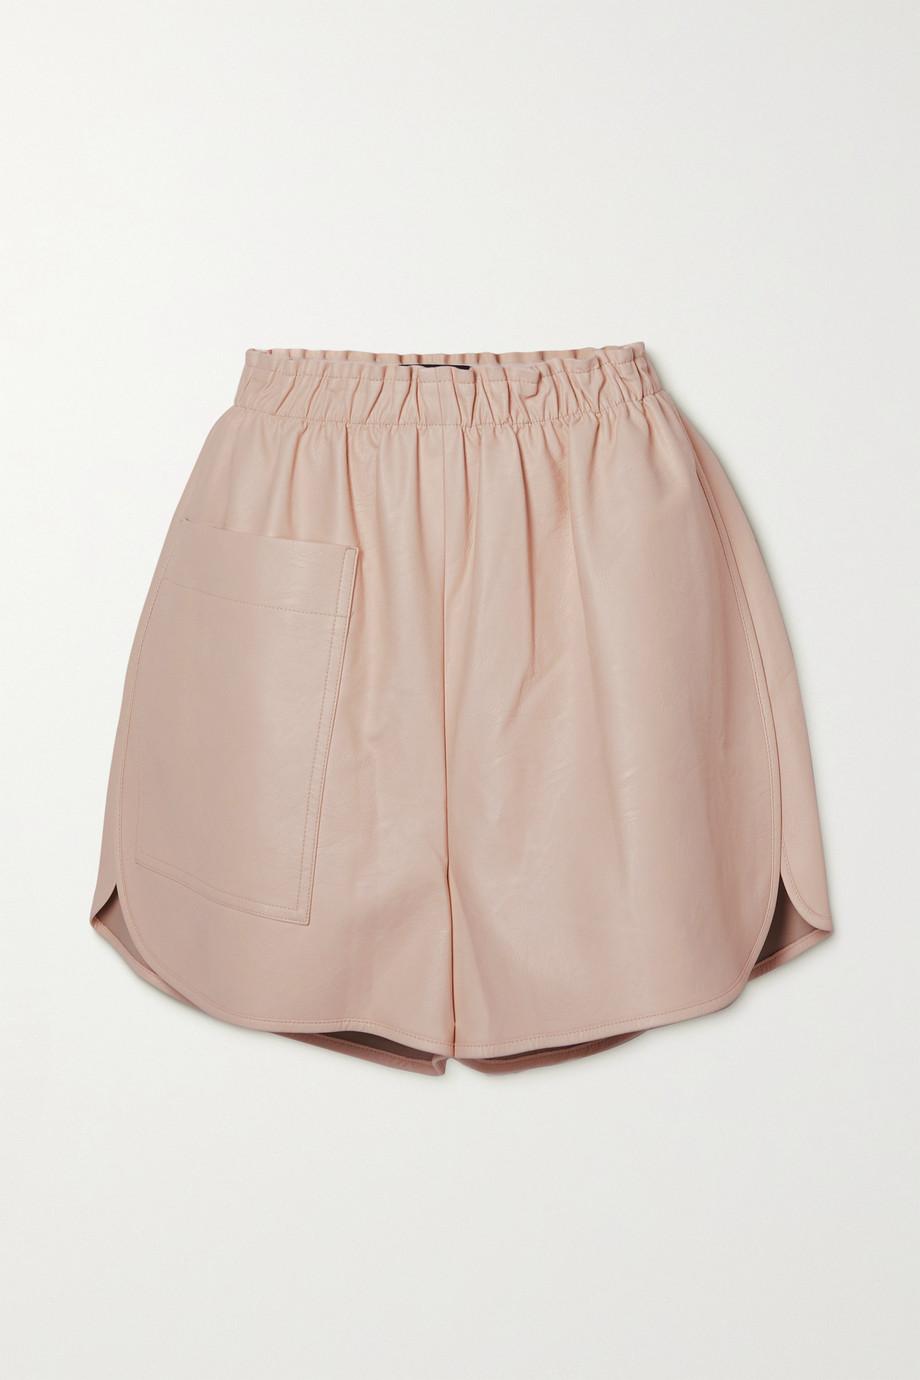 Stella McCartney Lane vegetarian leather shorts